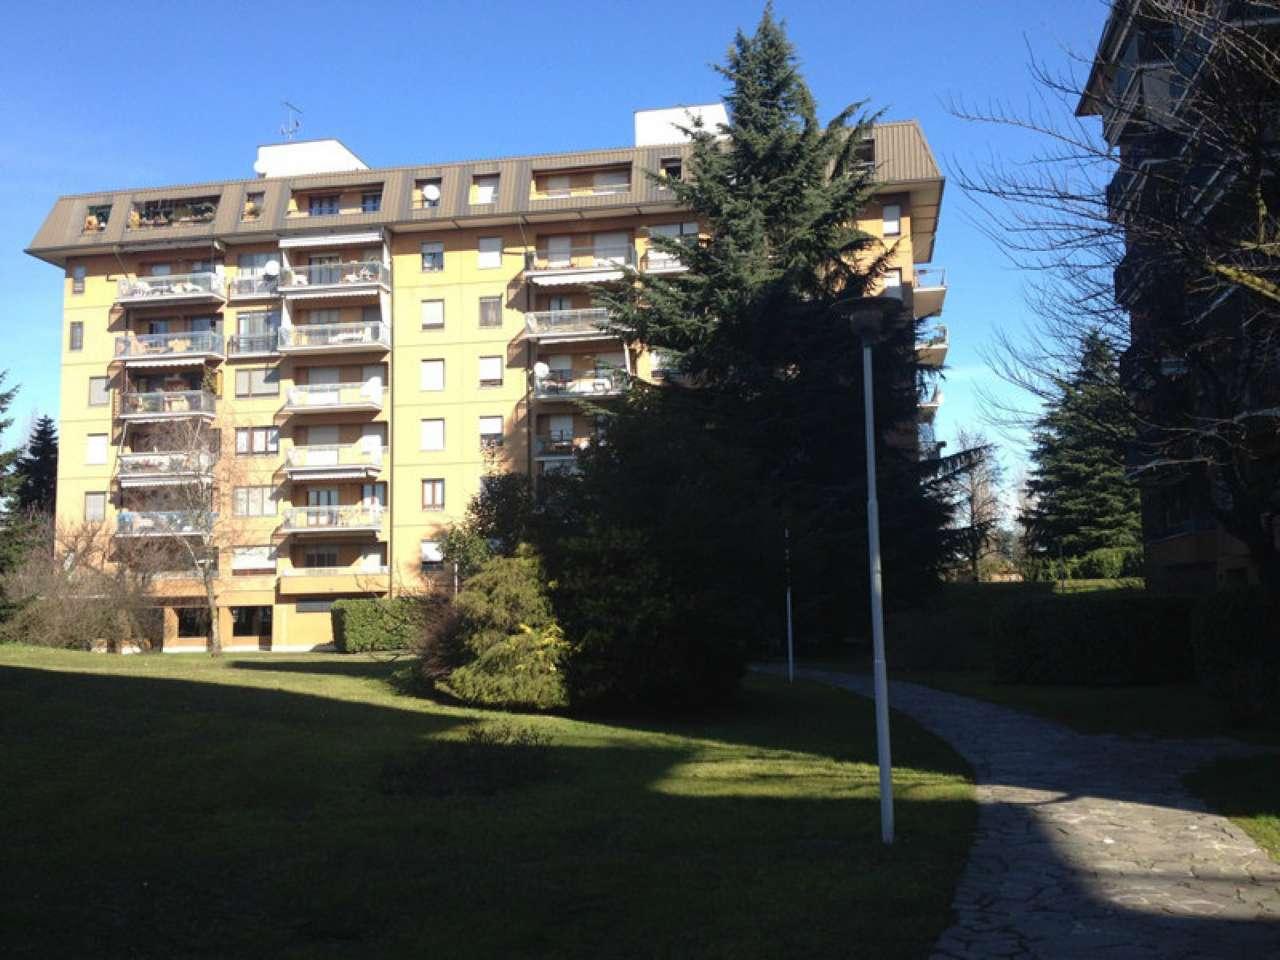 Appartamento in vendita a Assago, 3 locali, prezzo € 275.000 | Cambio Casa.it